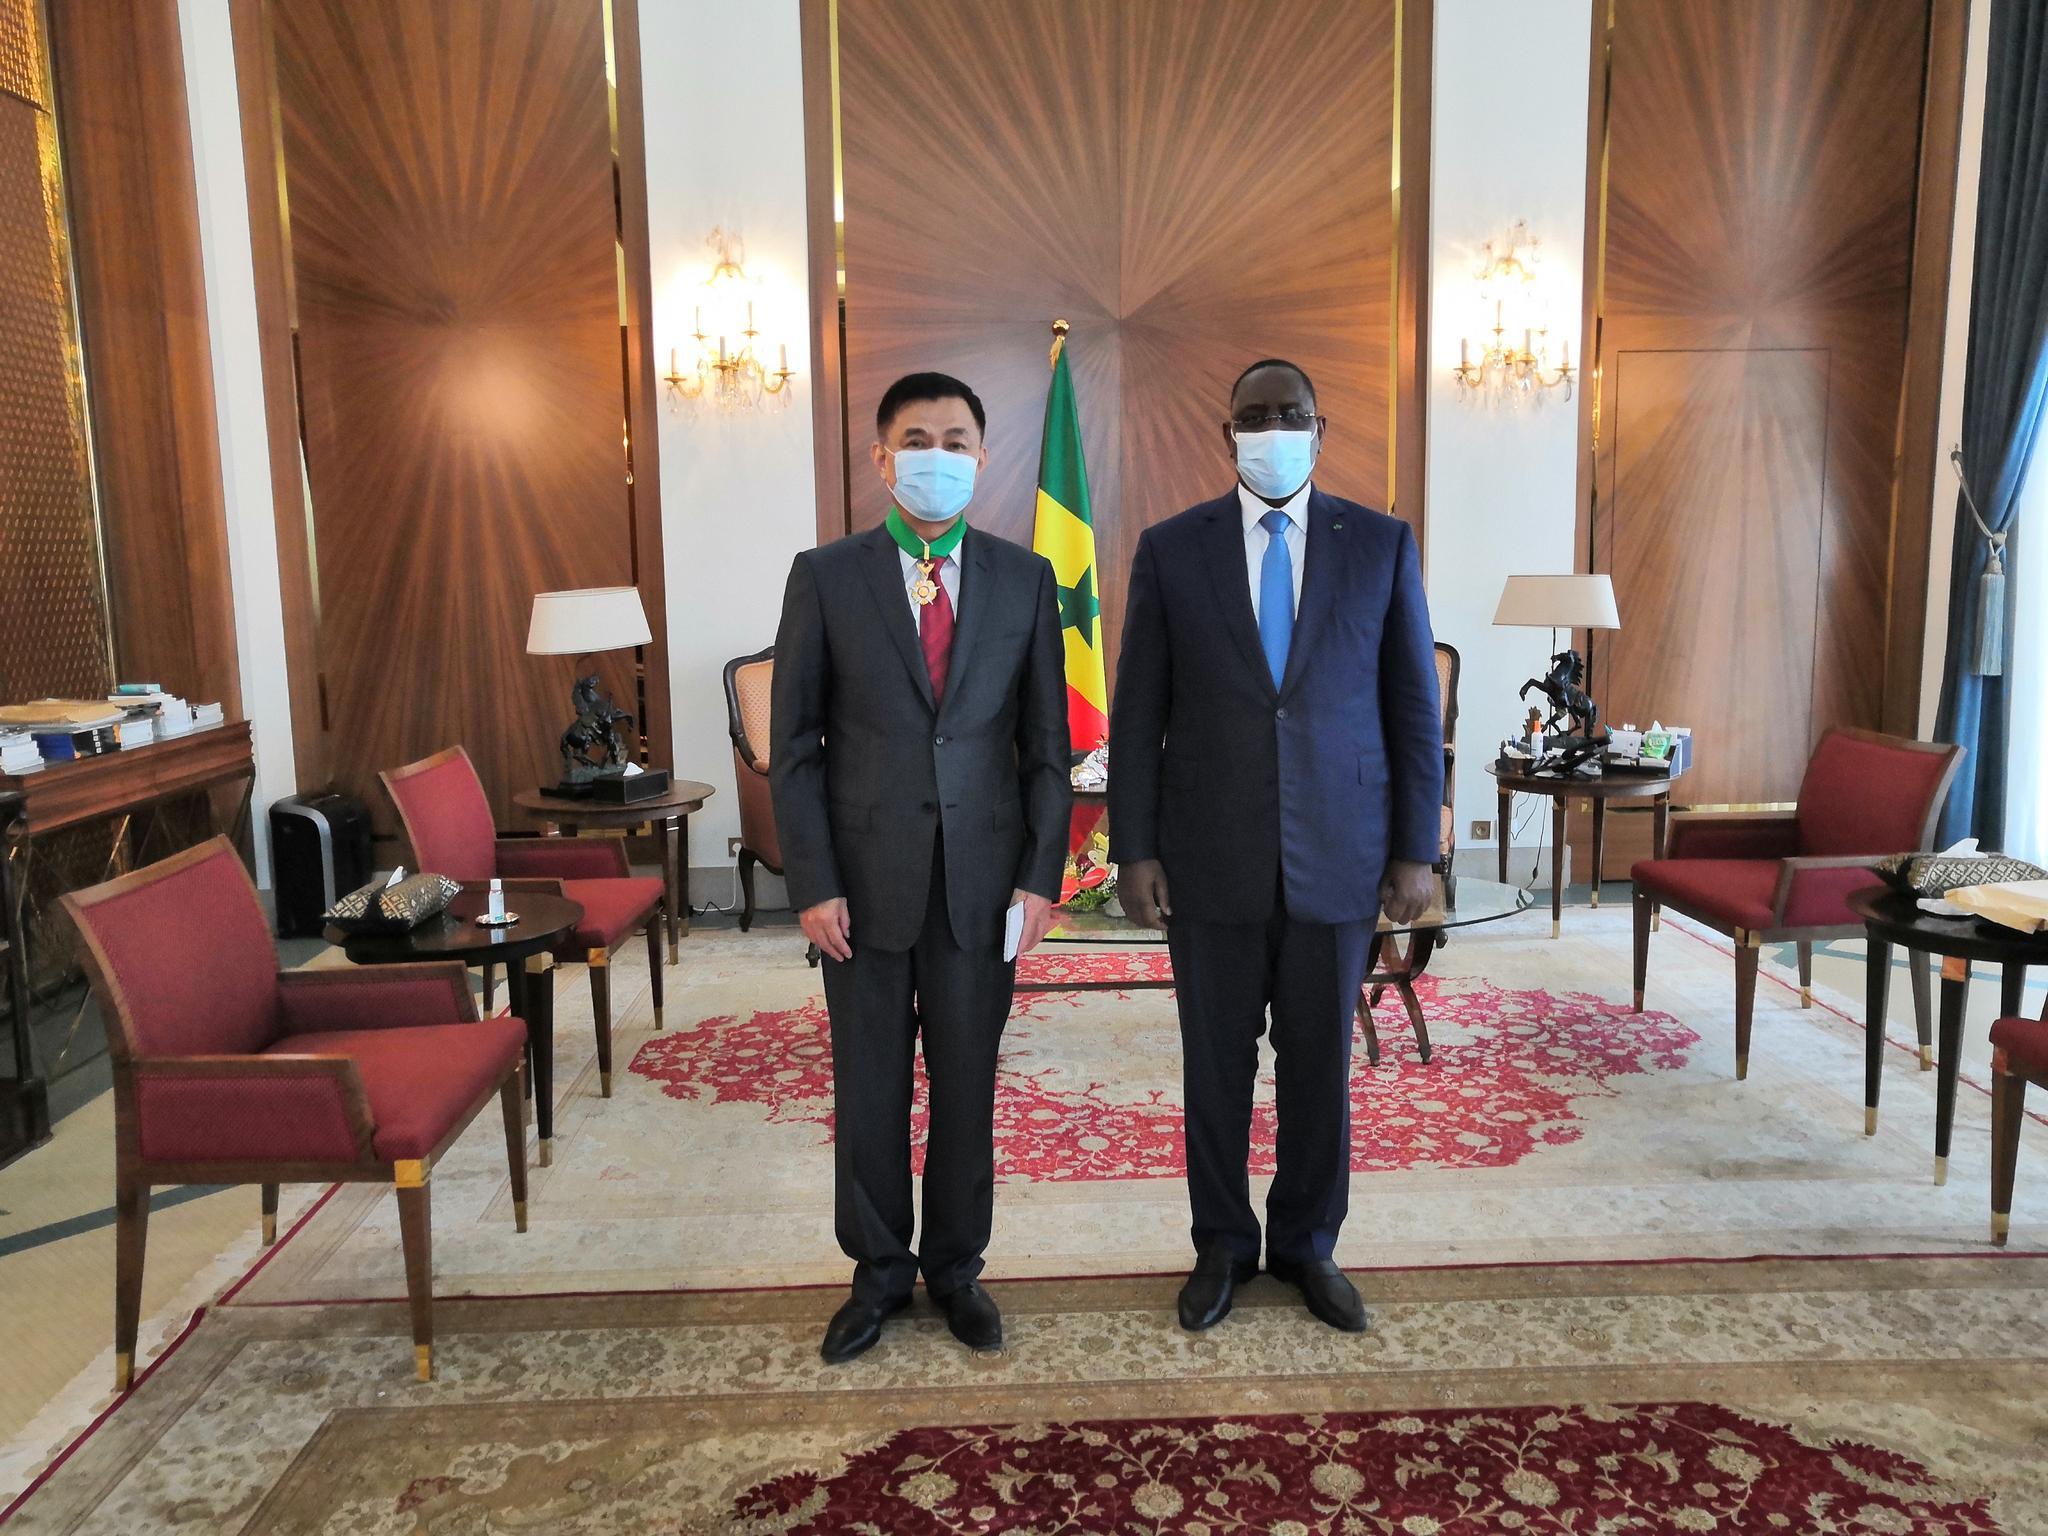 中国驻塞内加尔大使馆官网 图